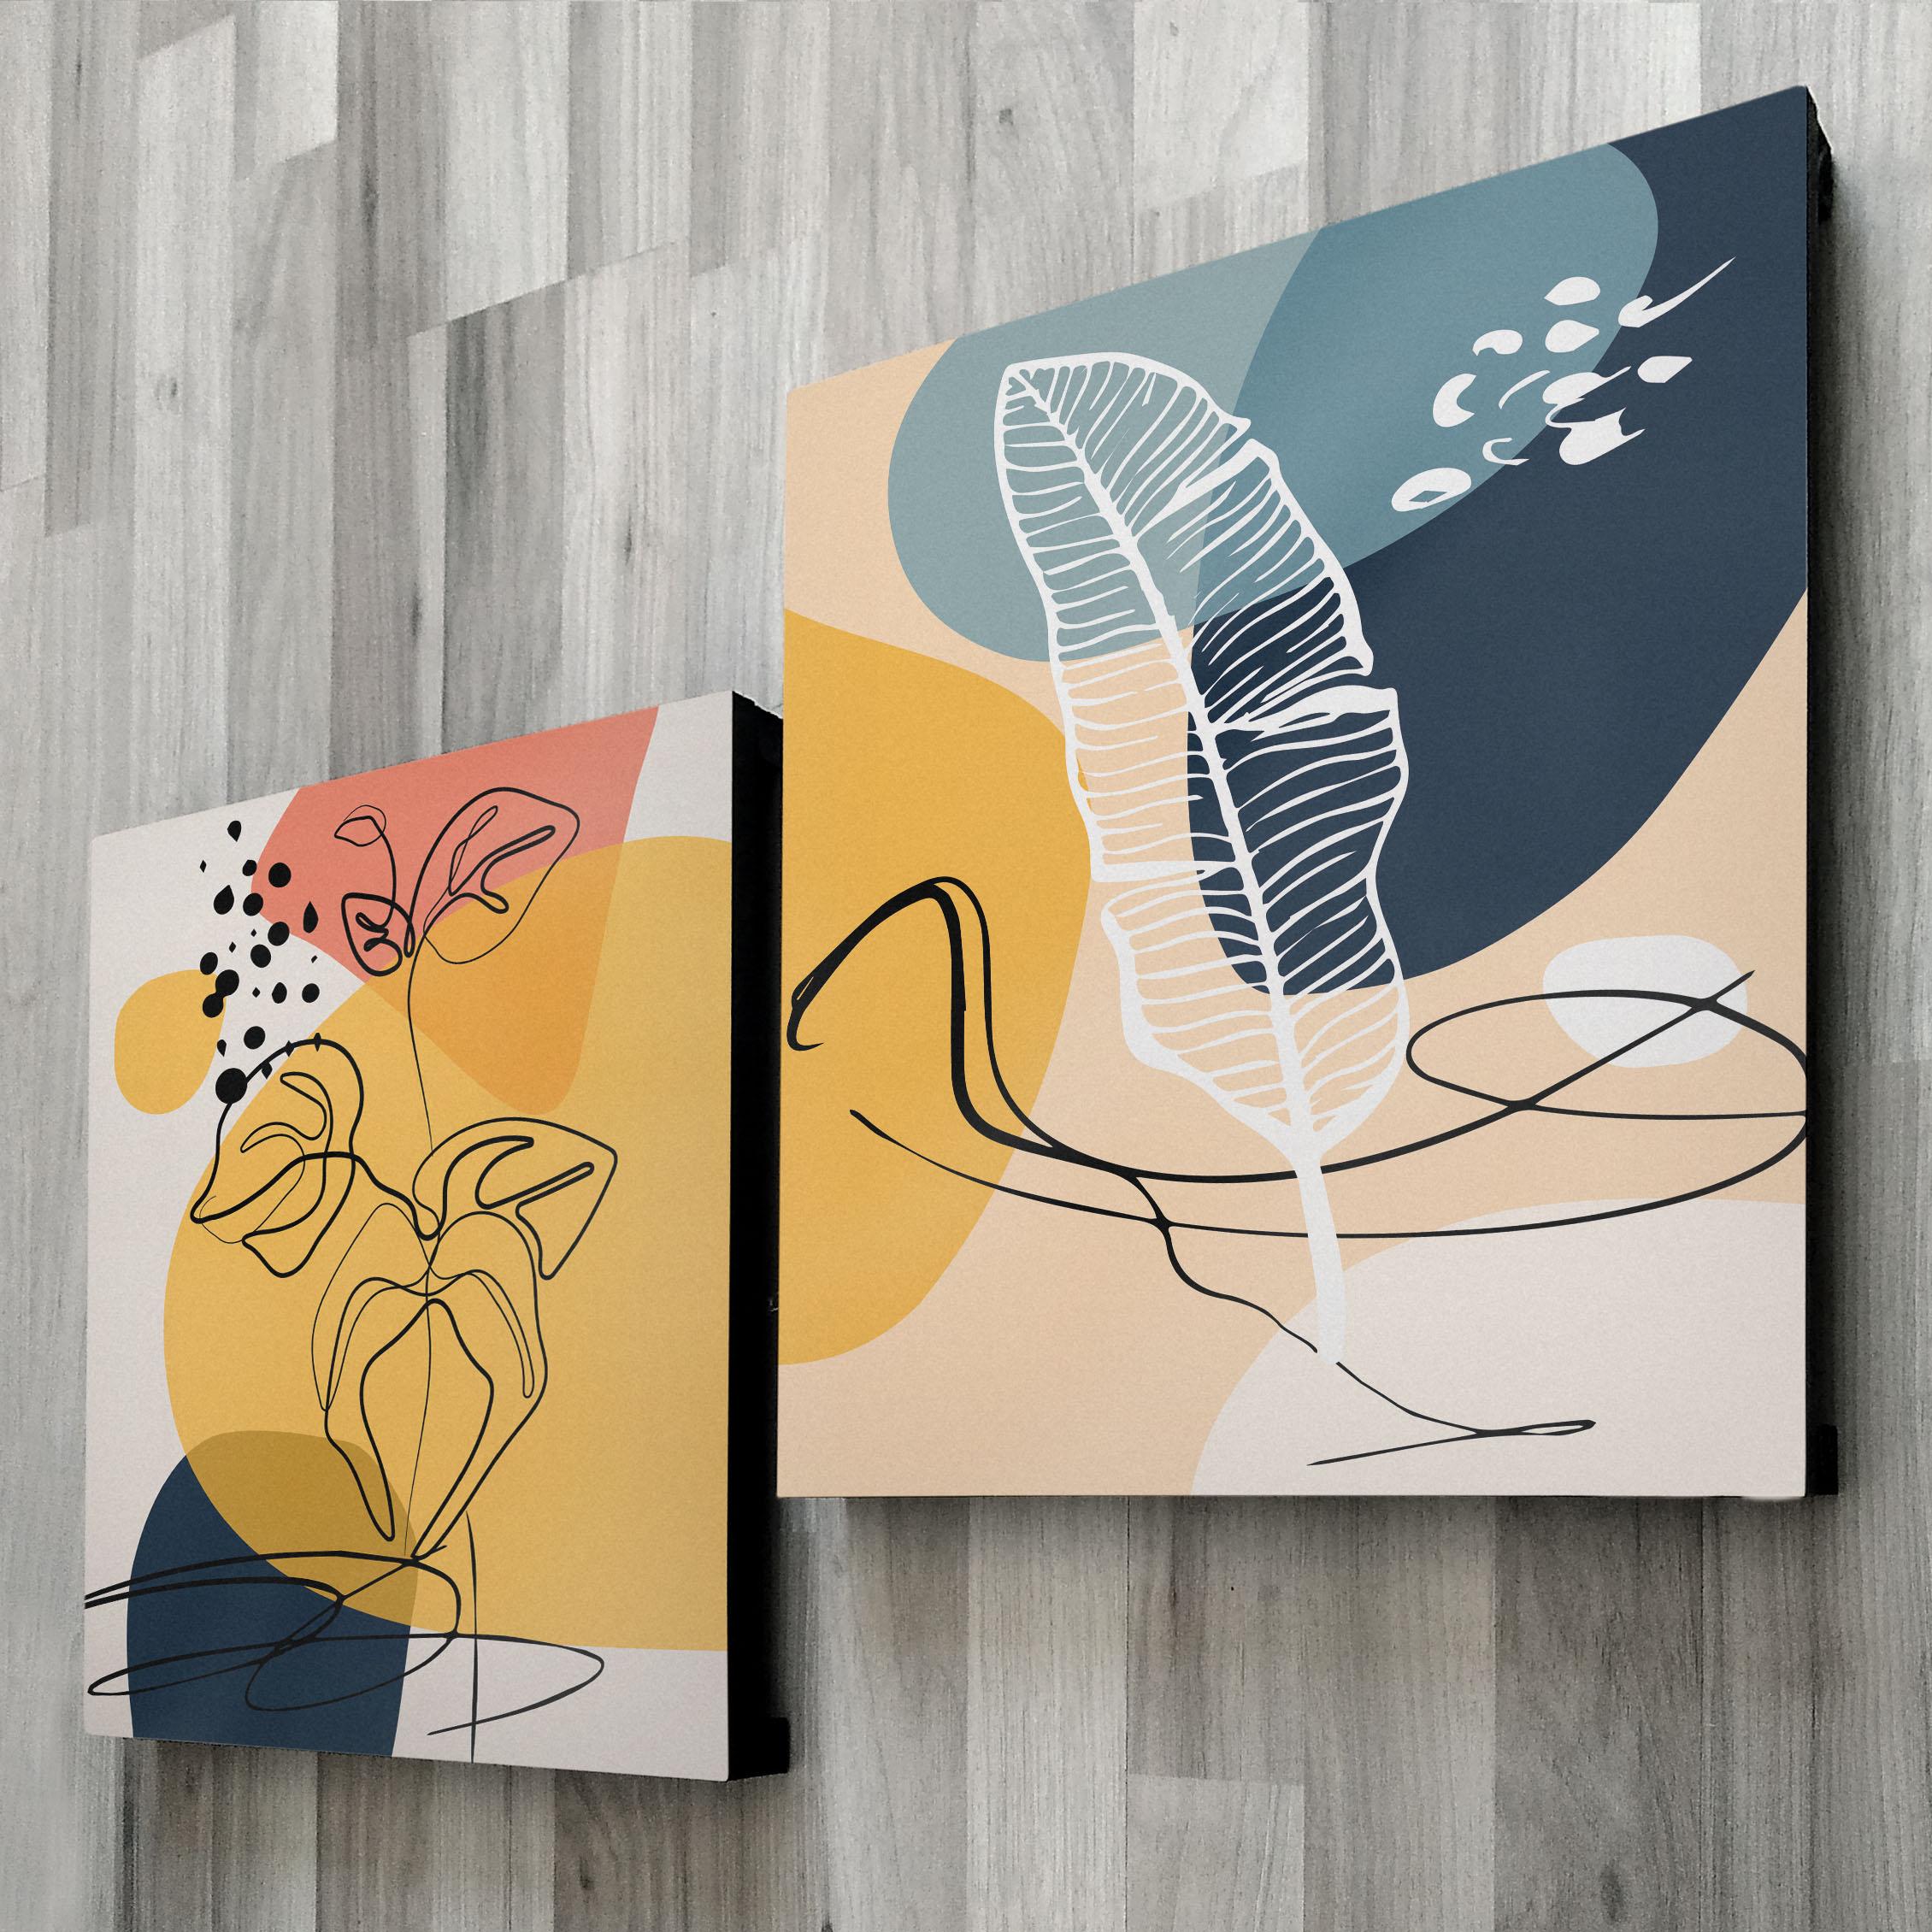 Abstractos Modernos 603 + 602